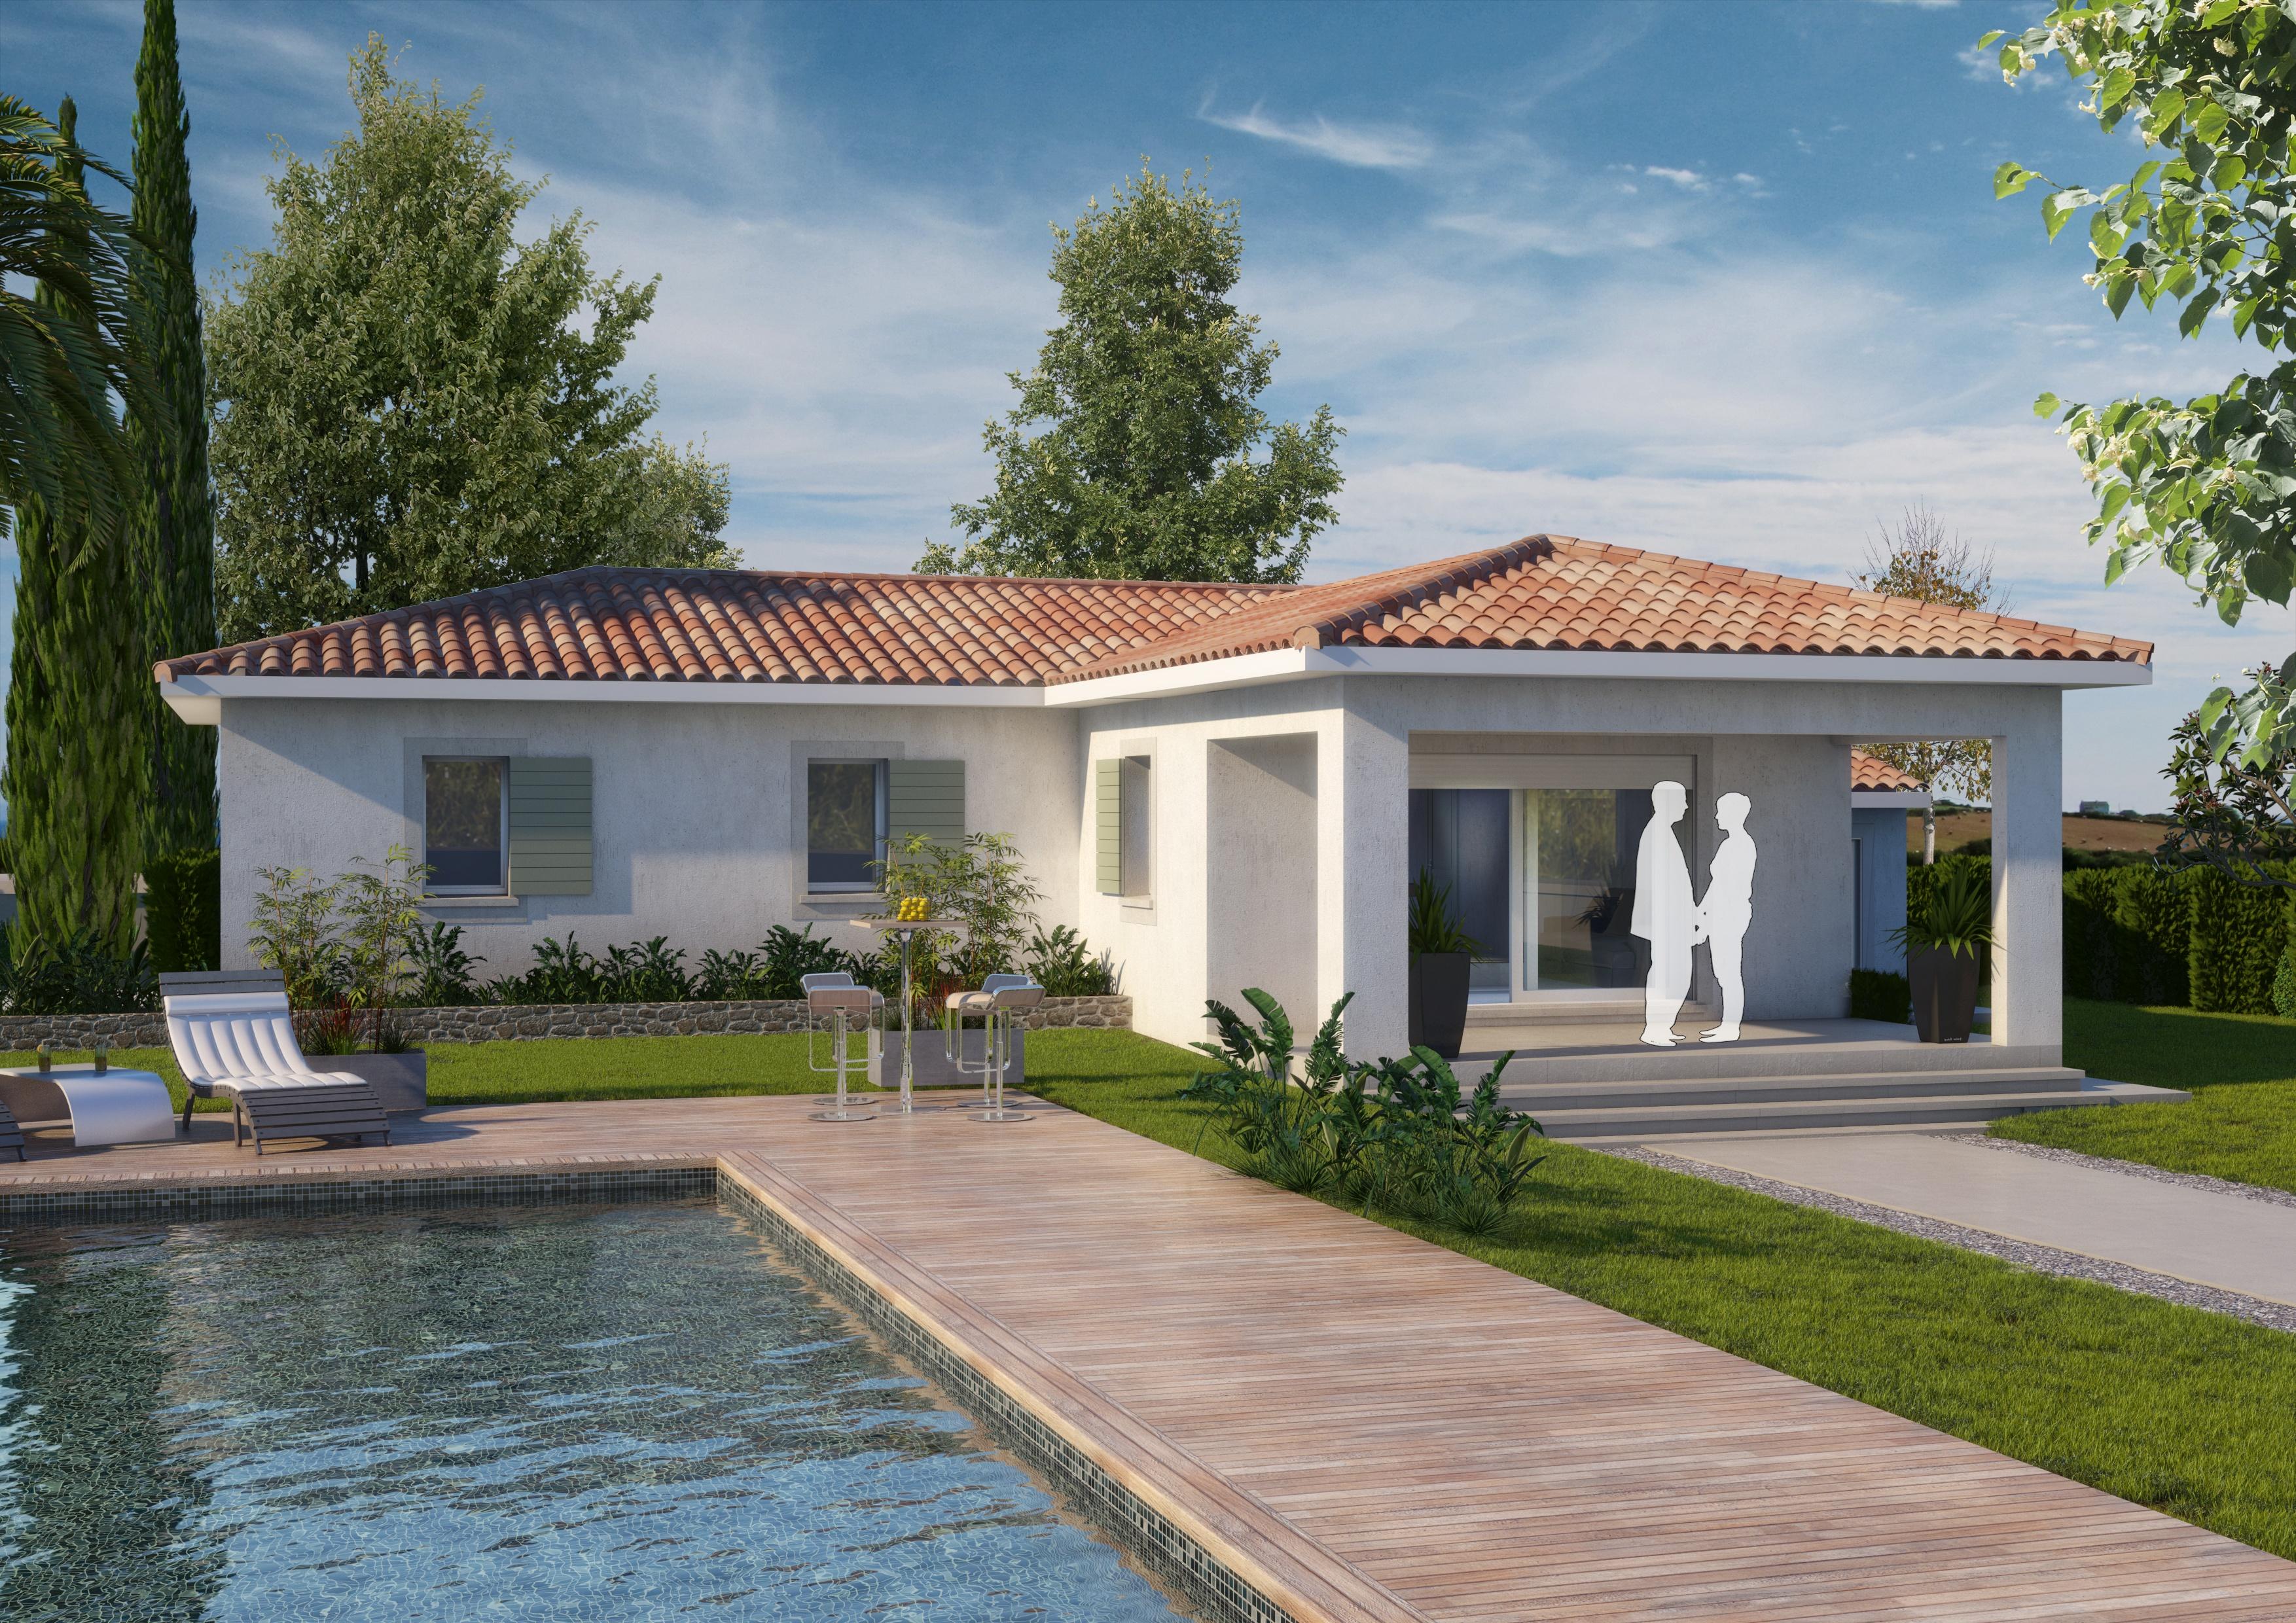 Maisons + Terrains du constructeur ART ET TRADITIONS MEDITERRANEE • 100 m² • SAINT MICHEL D'EUZET